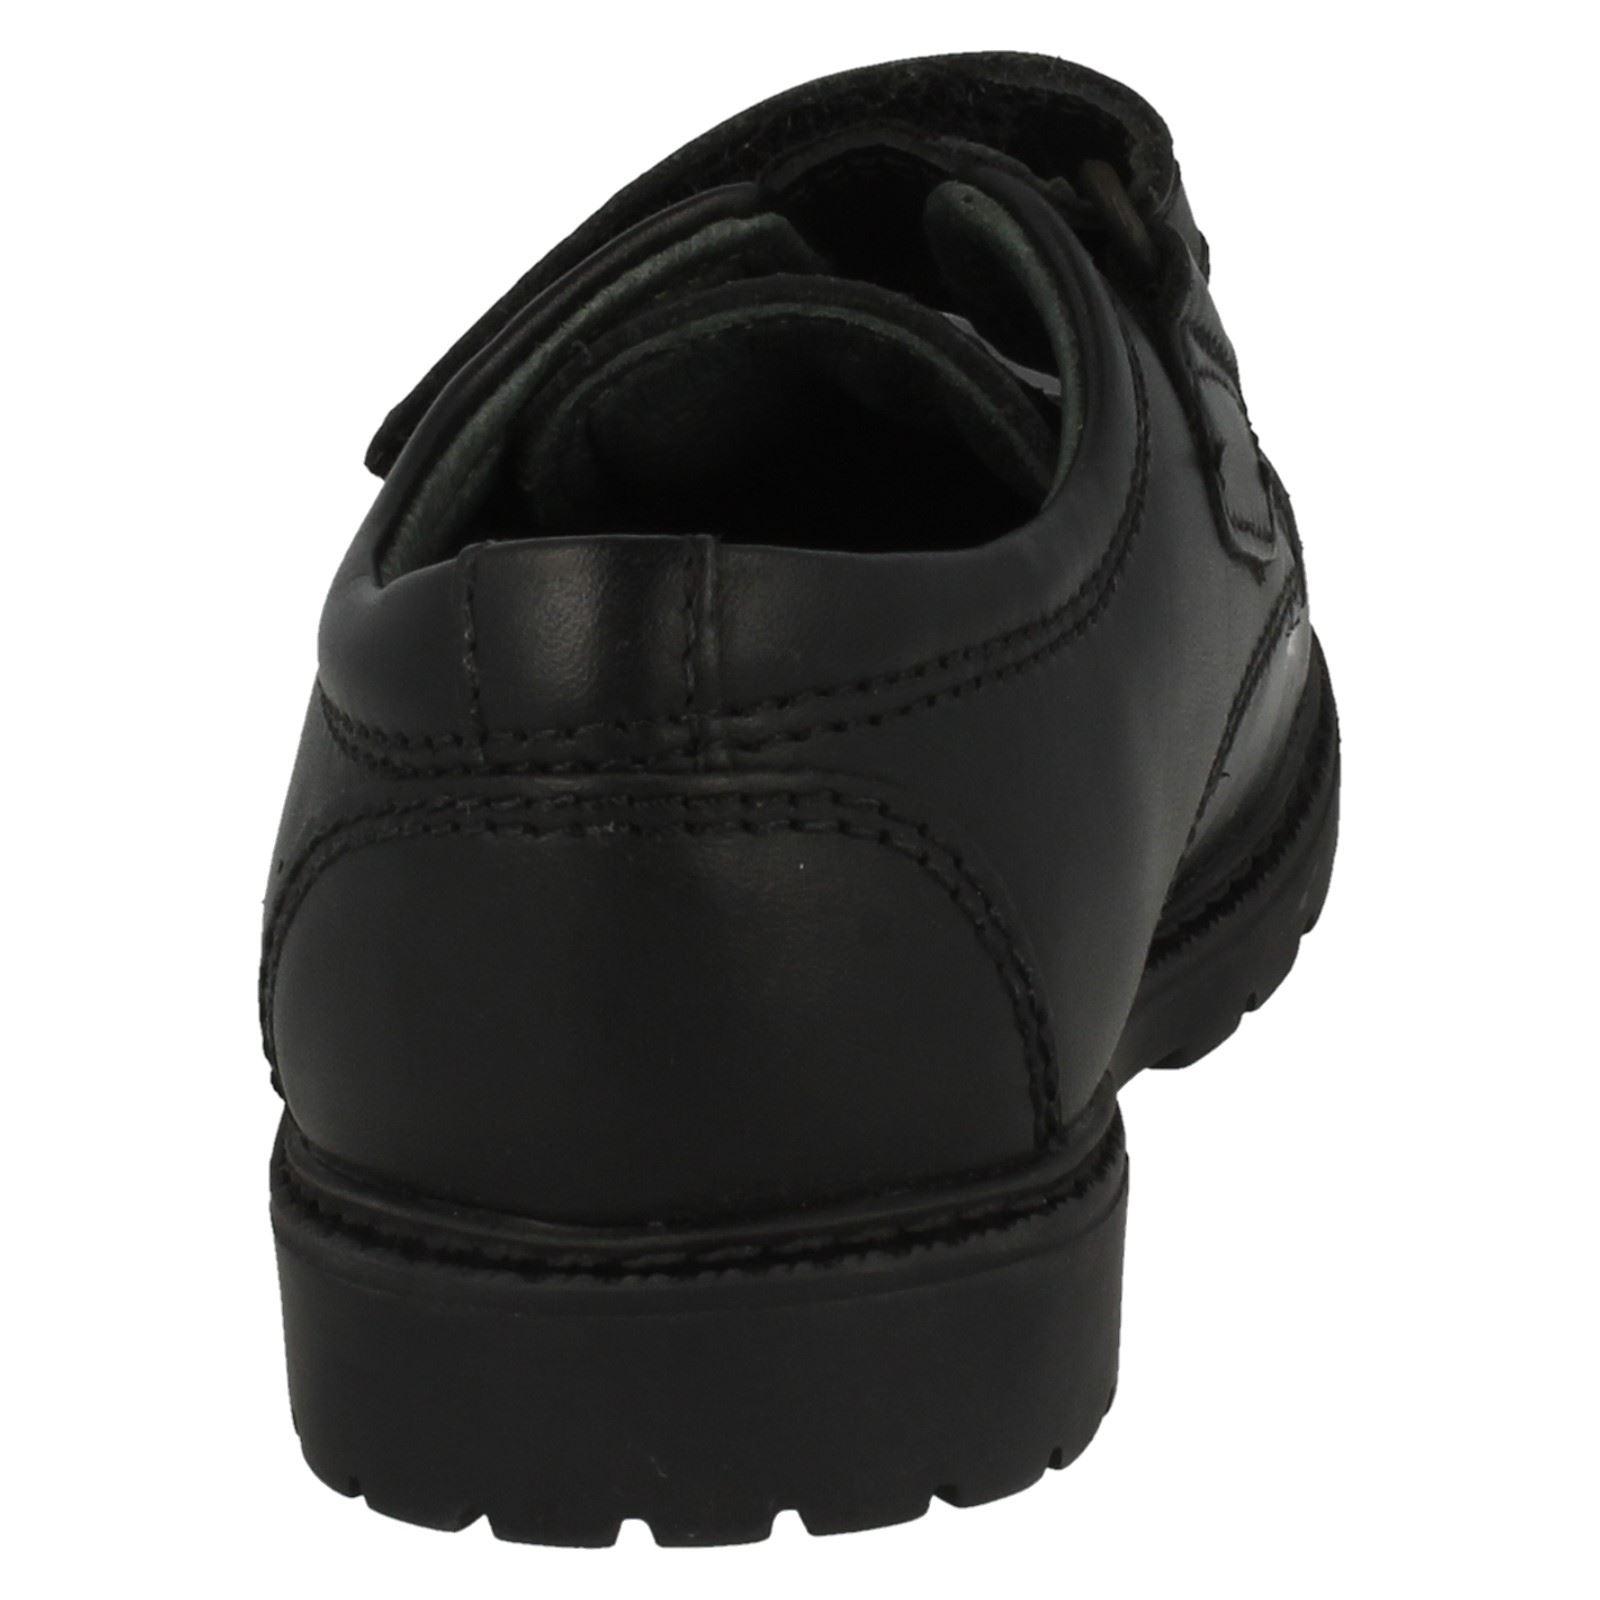 Boys Startrite Smart School Shoes Will